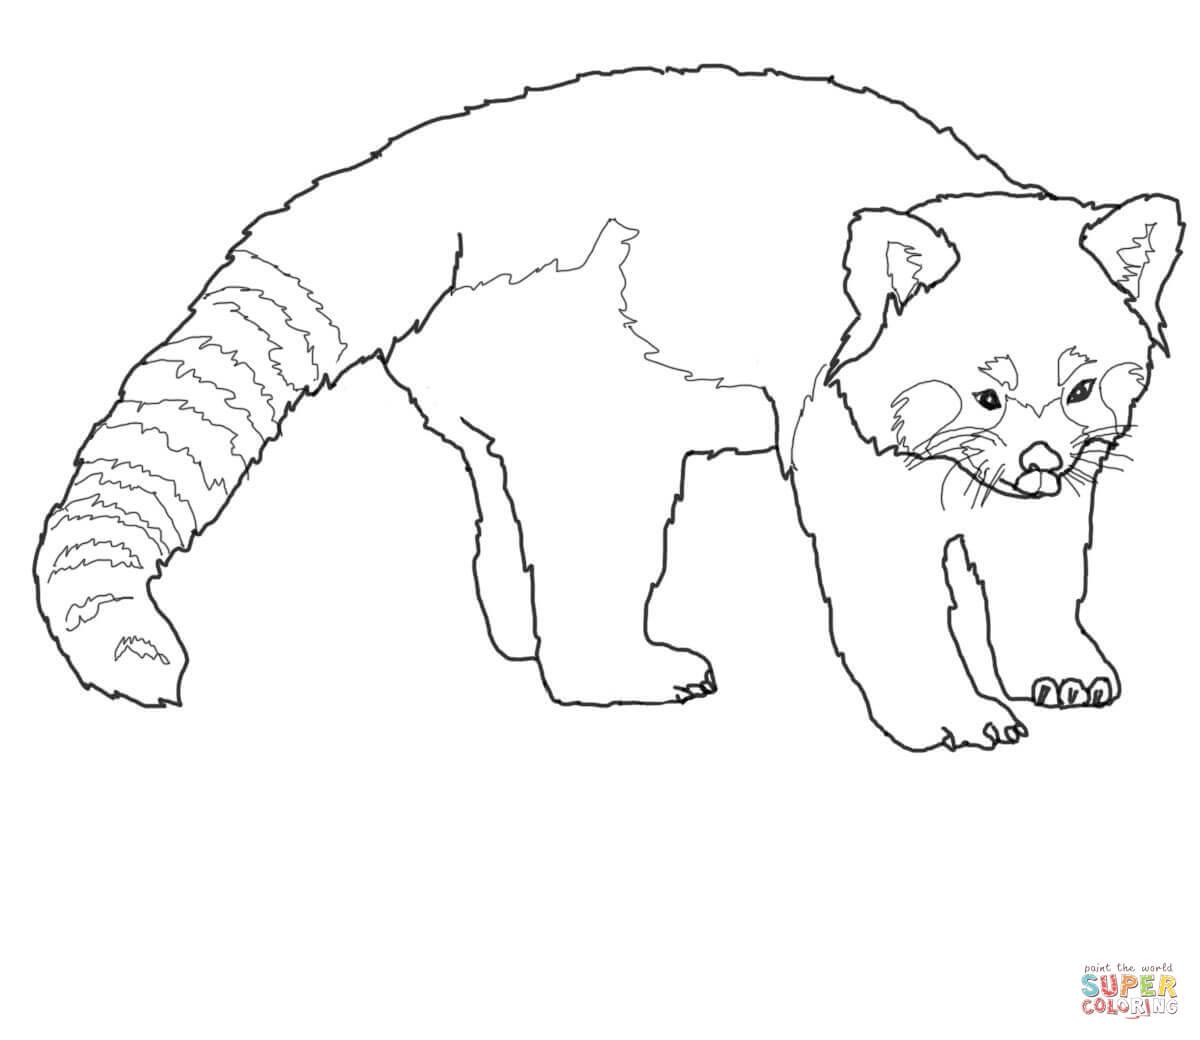 Giant Panda Drawing at GetDrawings | Free download